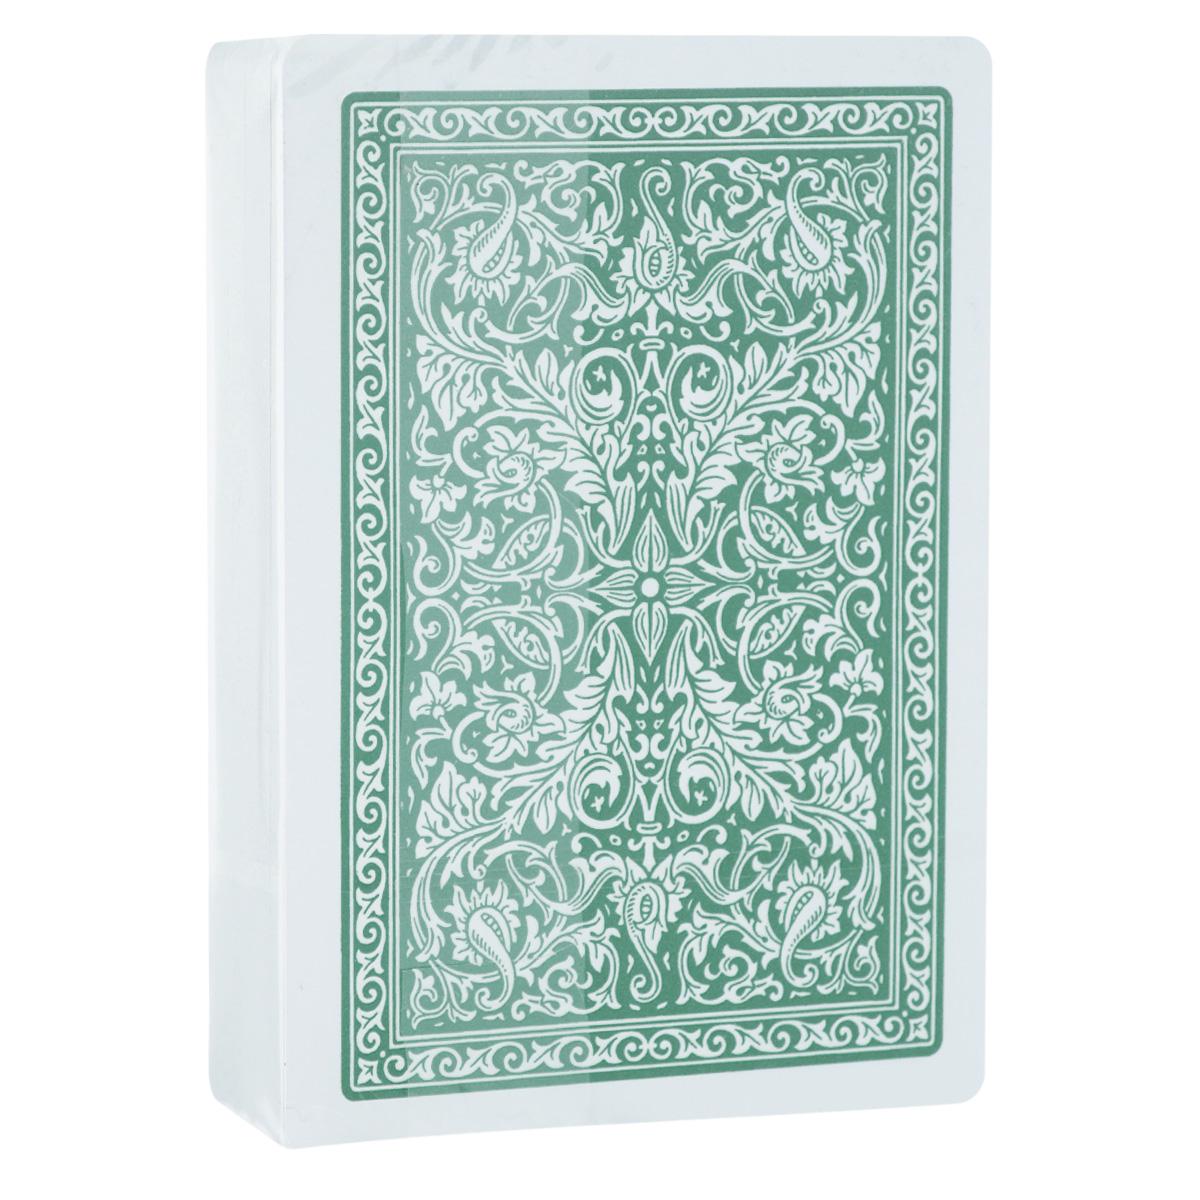 Карты игральные Fournier № 2818, крупный индекс, цвет: зеленый, 54 штFOURNIER_2818_GREEN